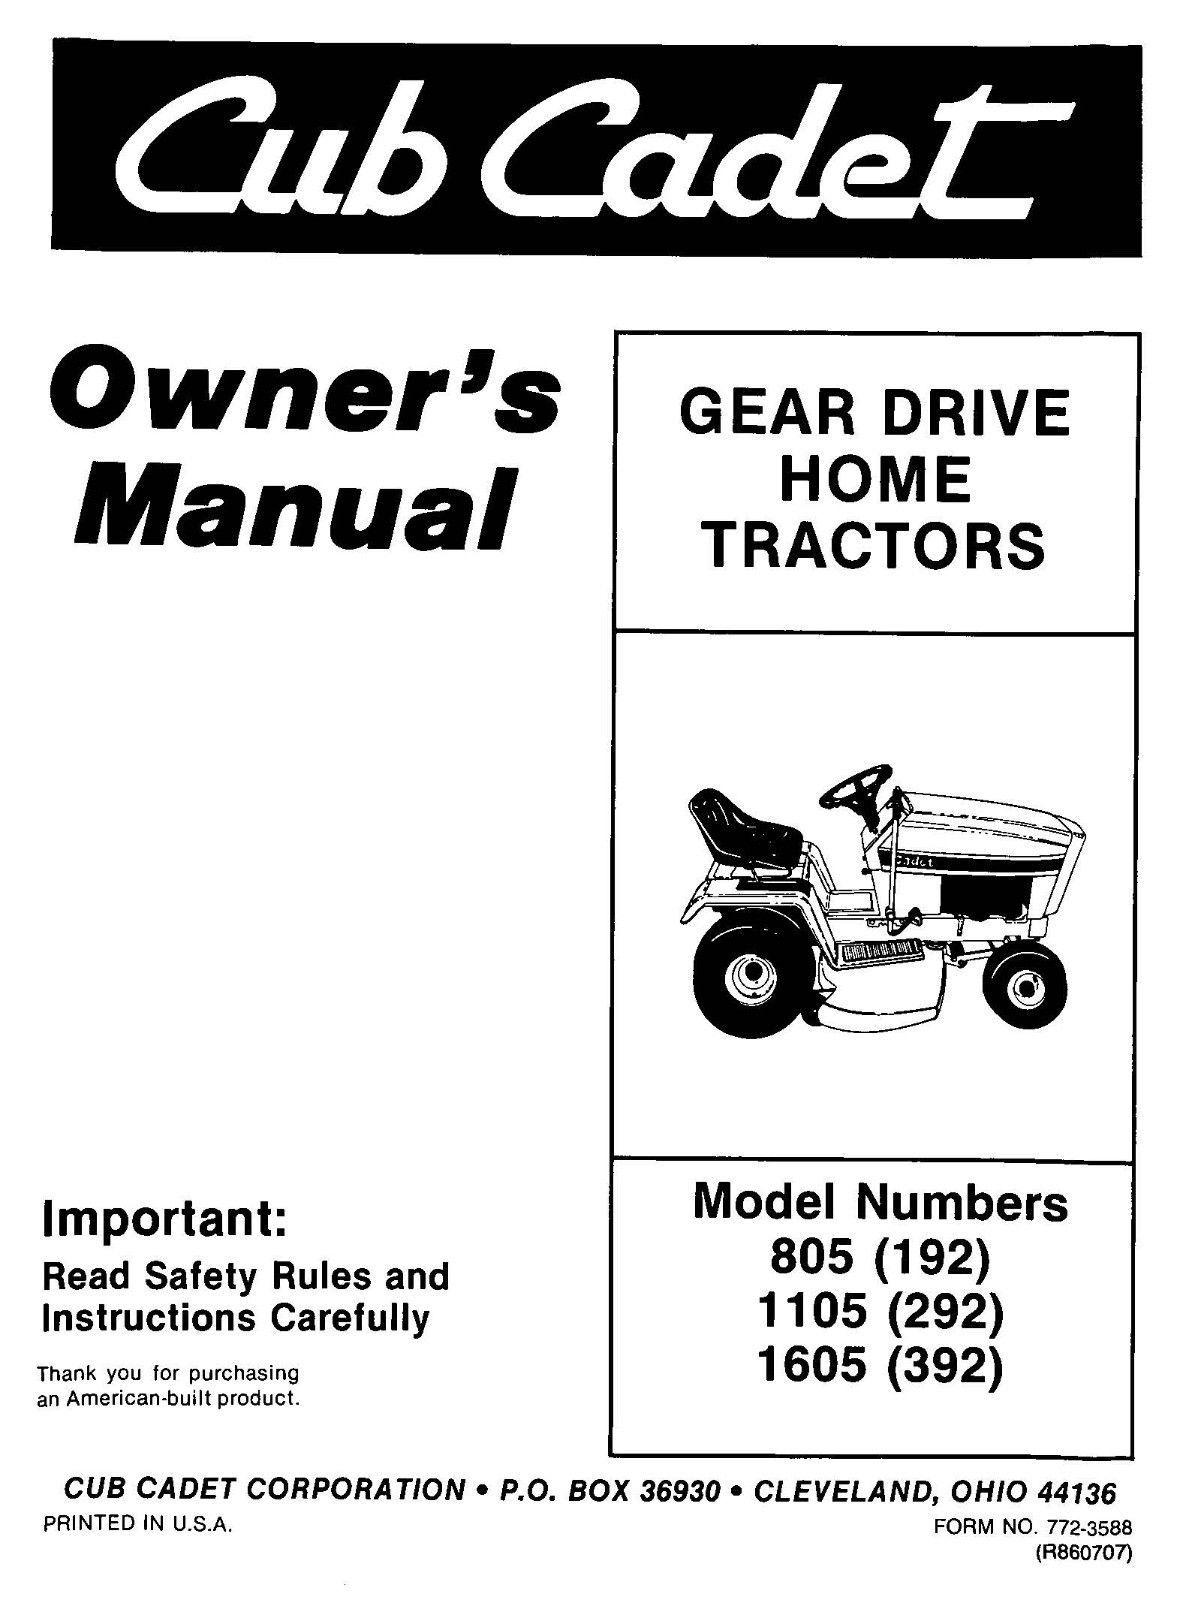 Cub Cadet Lawn Tractor Owners Manual Model No. 805-1105-1605